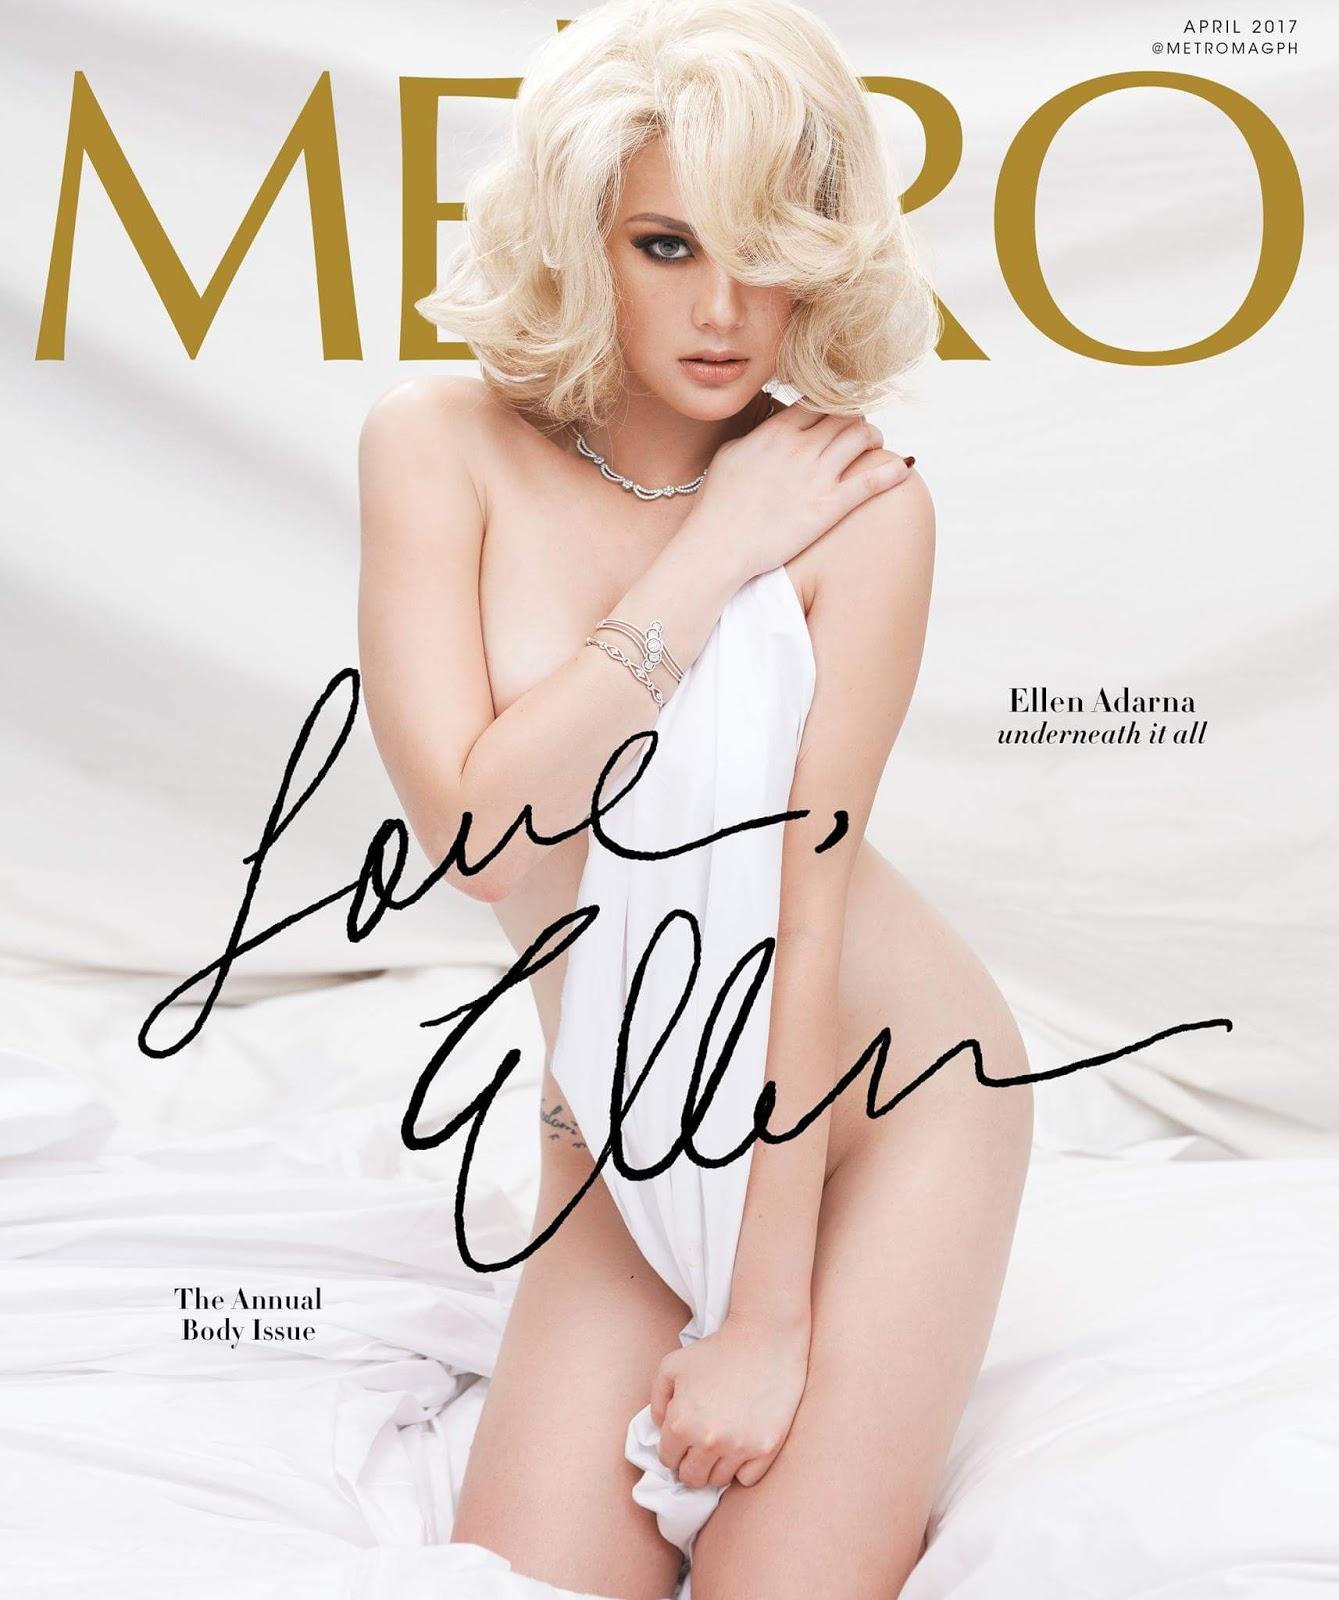 Ellen Adarna on the Cover of Metro